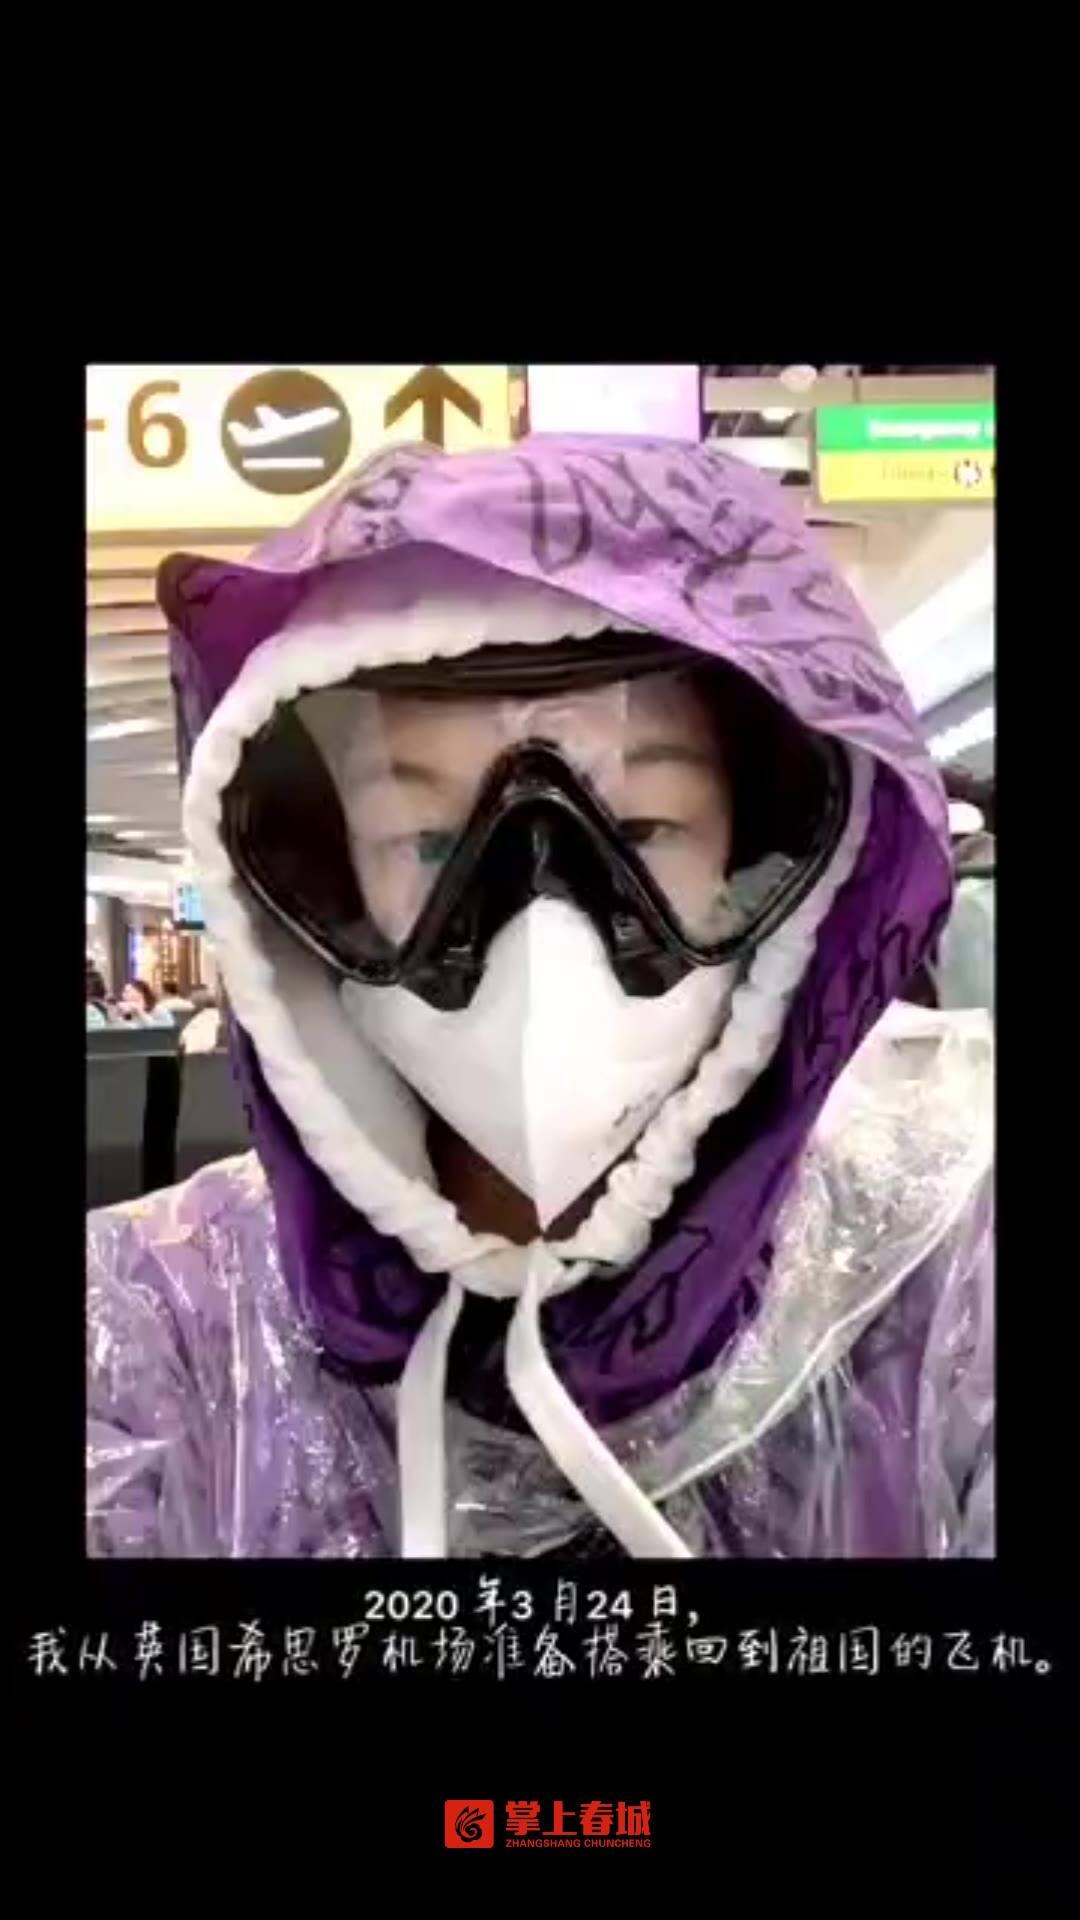 喵视频|返滇留学生在隔离酒店度过特殊的19岁生日